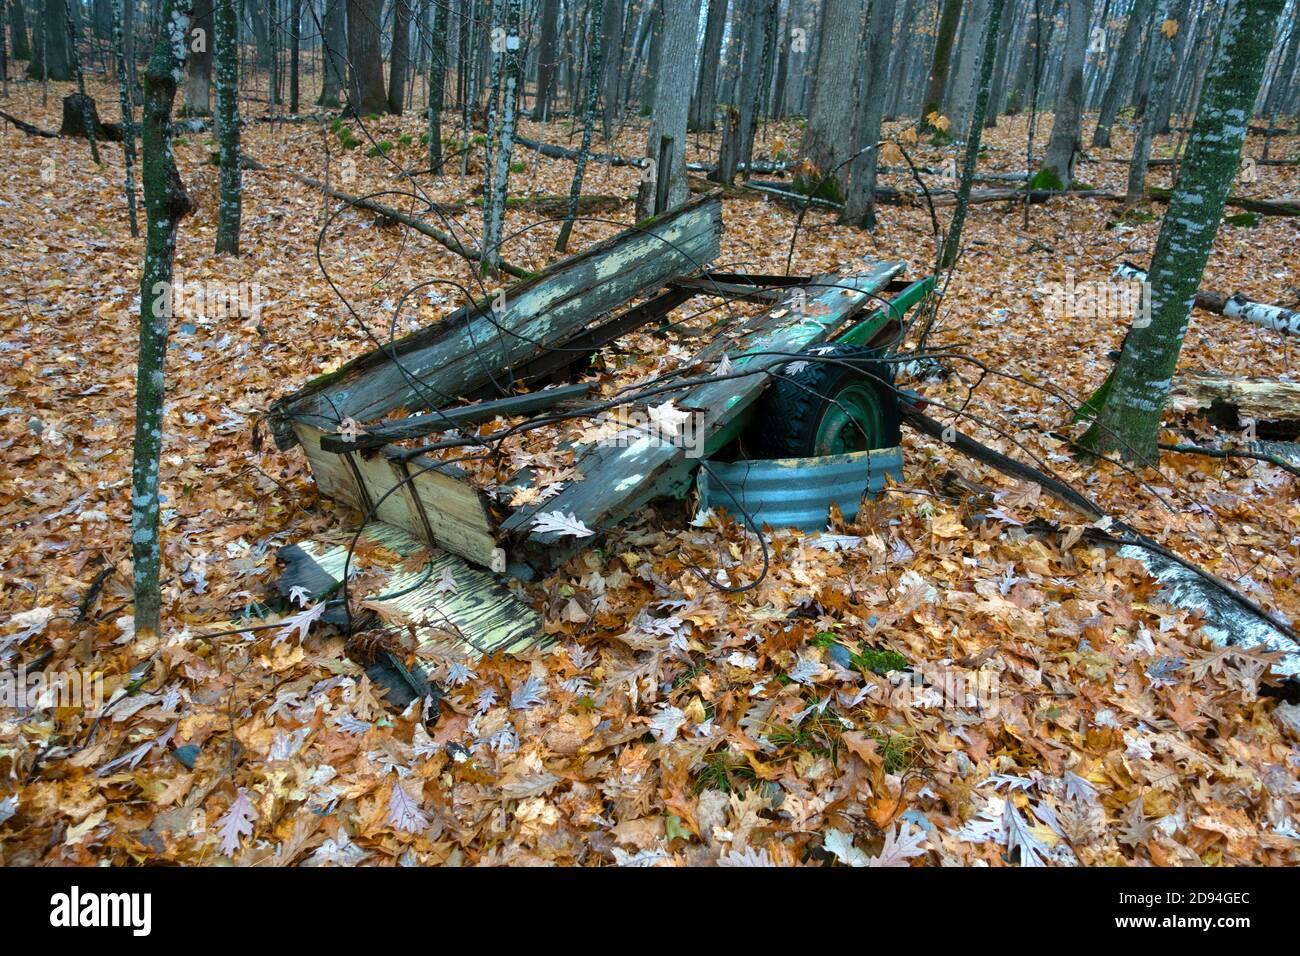 Eingestürzter Anhänger sitzt im Wald. Cumberland Wisconsin WI USA Stockfoto